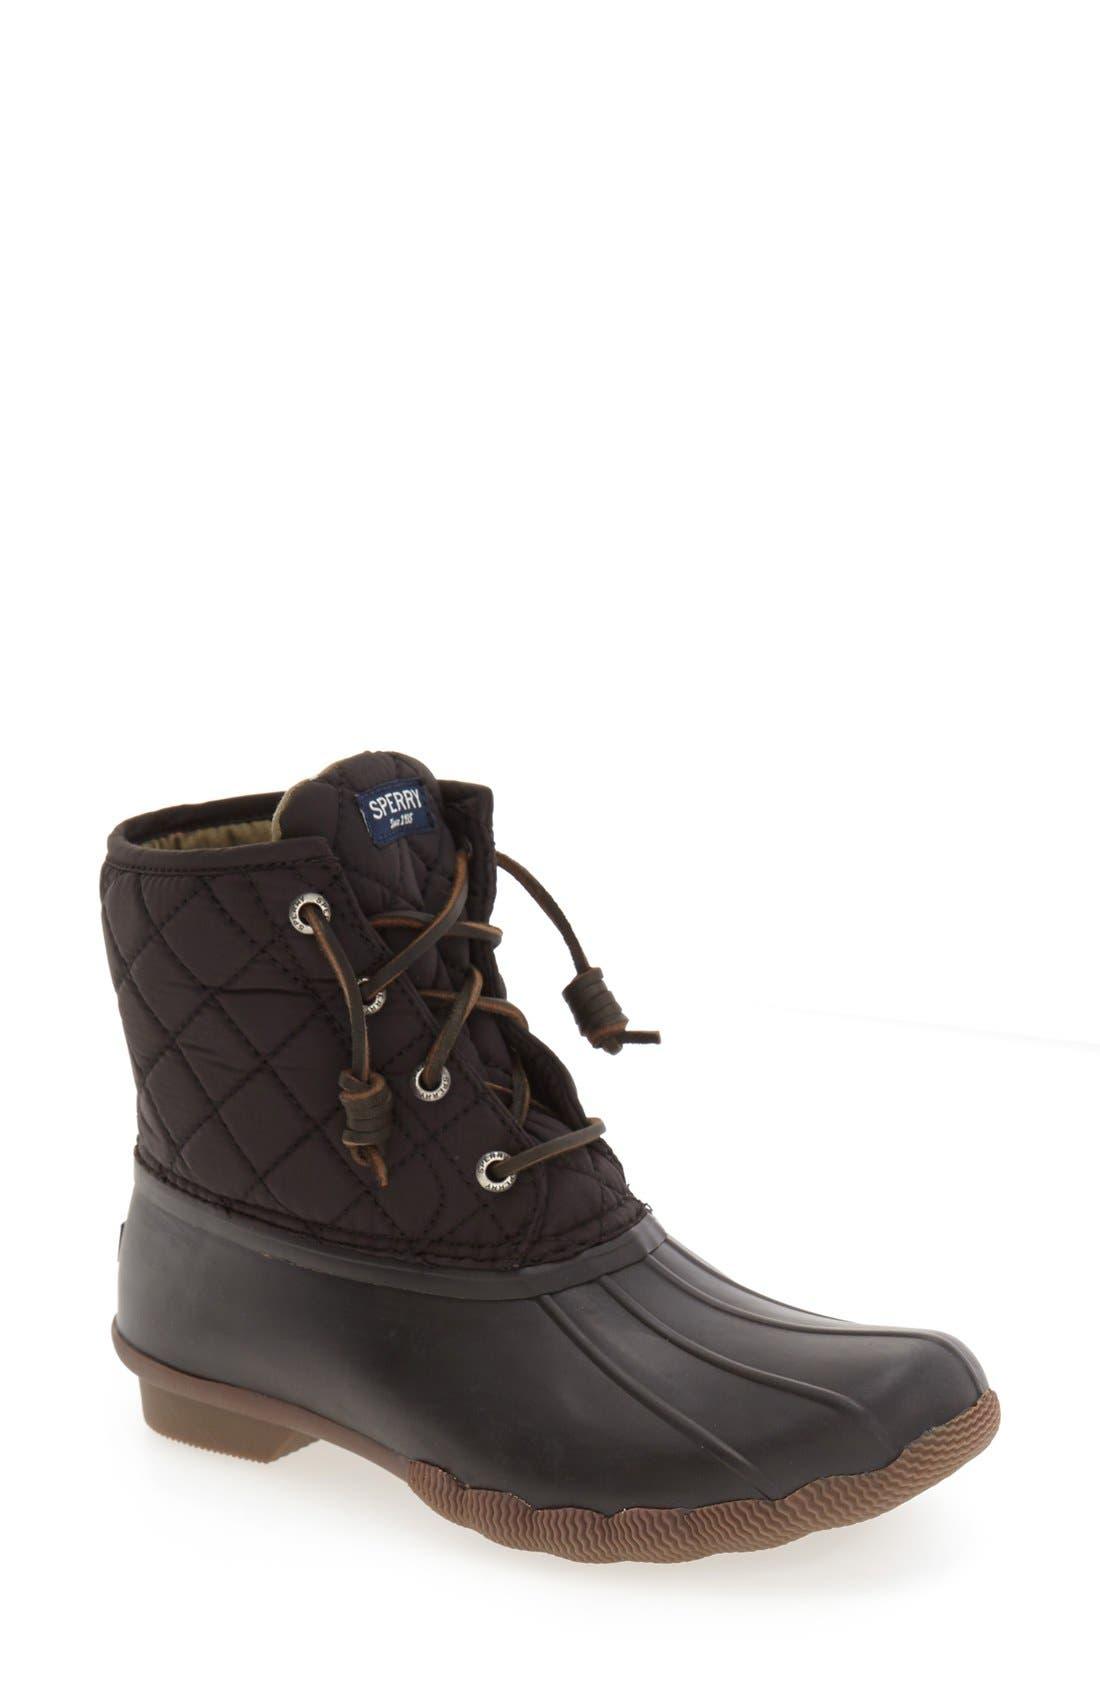 'Saltwater' Waterproof Rain Boot,                             Main thumbnail 1, color,                             Black